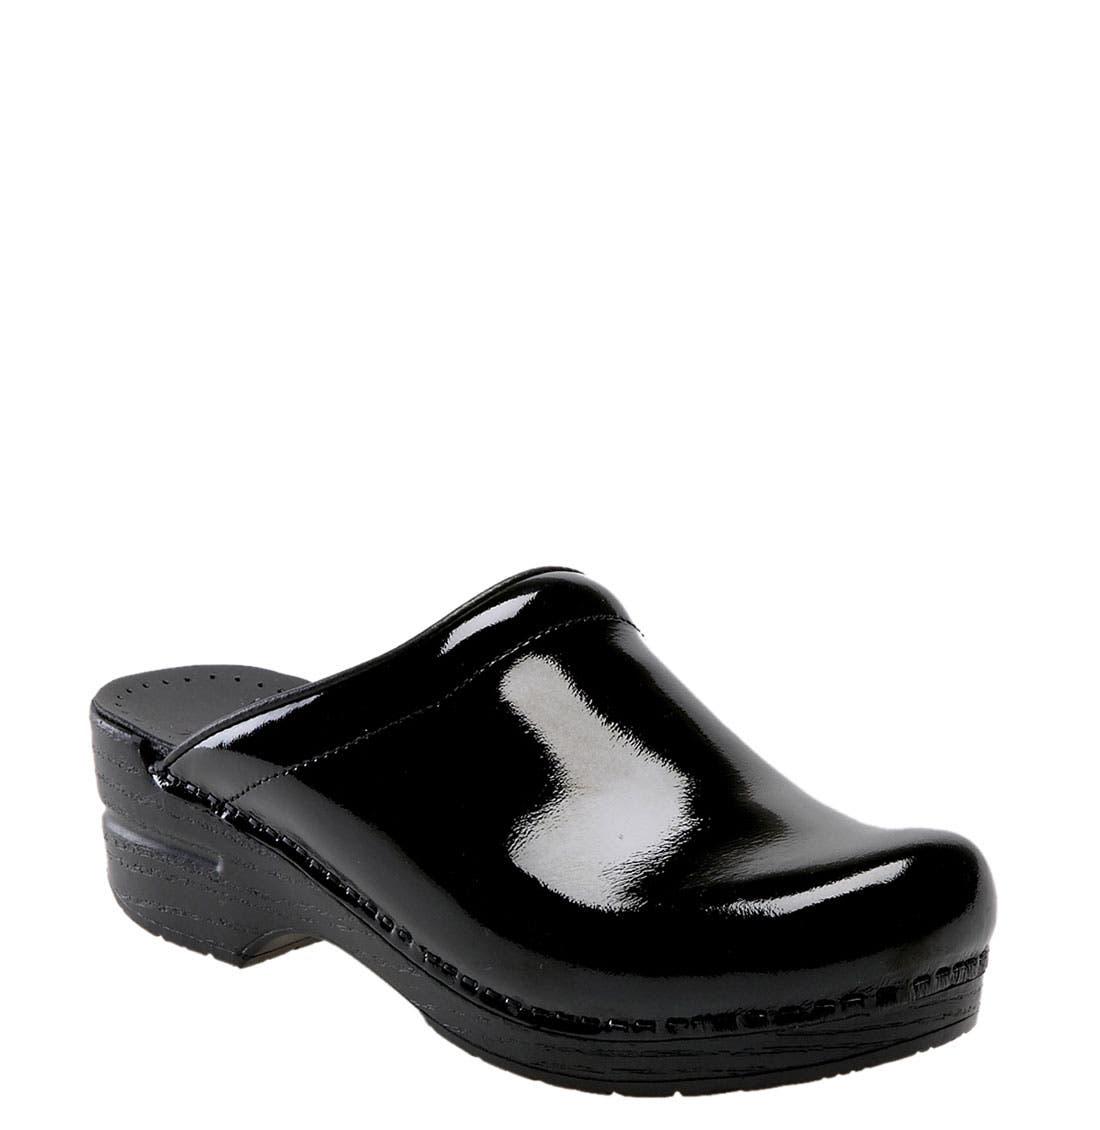 'Sonja' Patent Leather Clog,                             Main thumbnail 1, color,                             BLACK PATENT